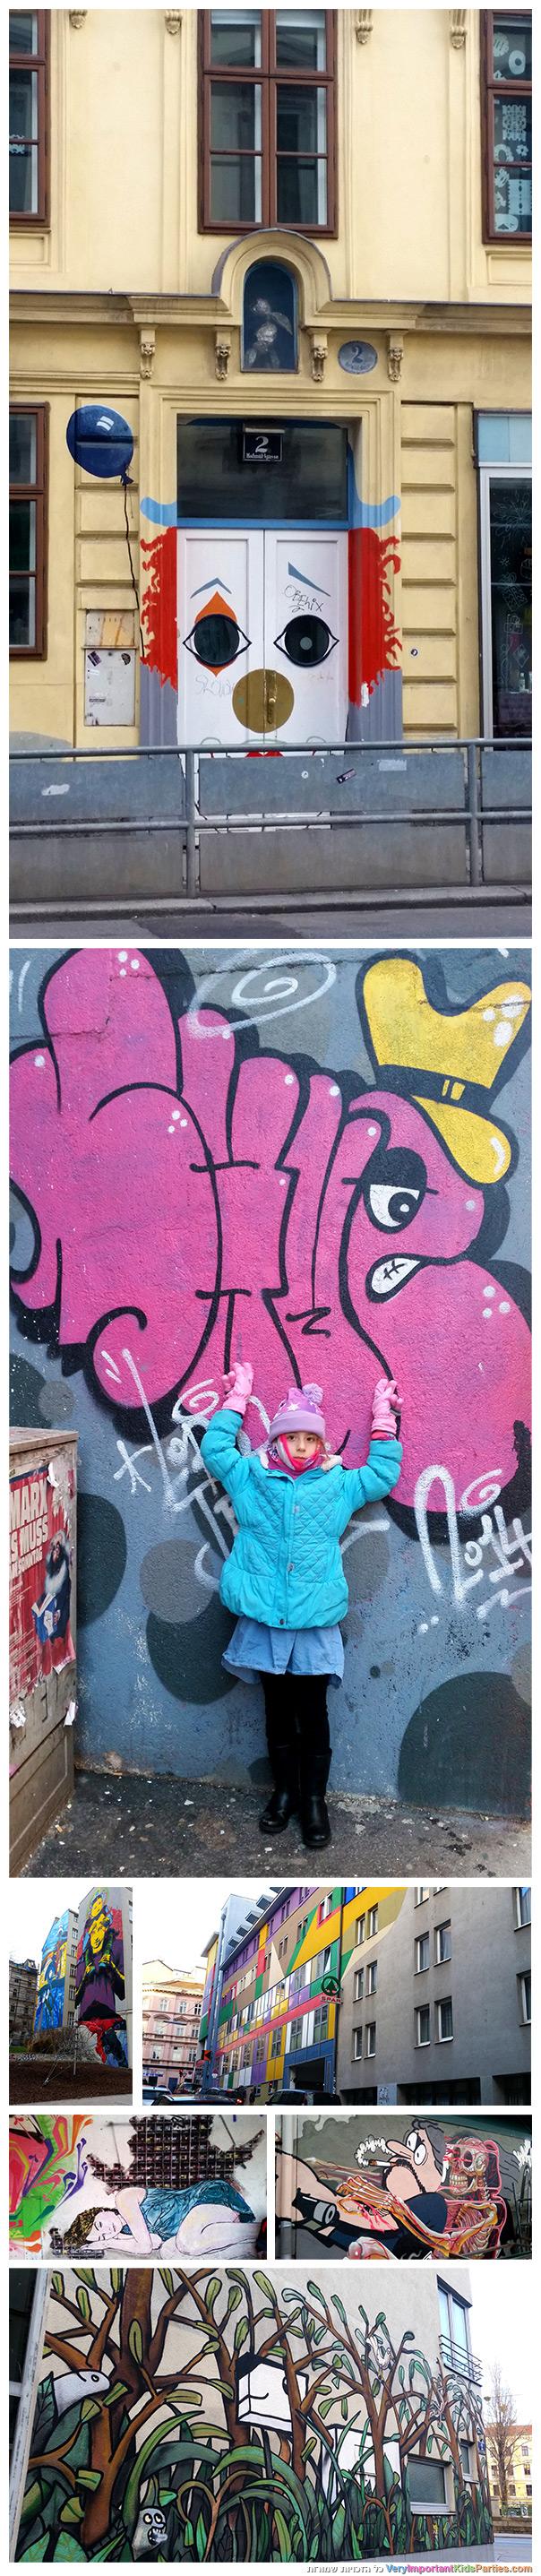 וינה עם ילדים - אמנות רחוב וגרפיטי